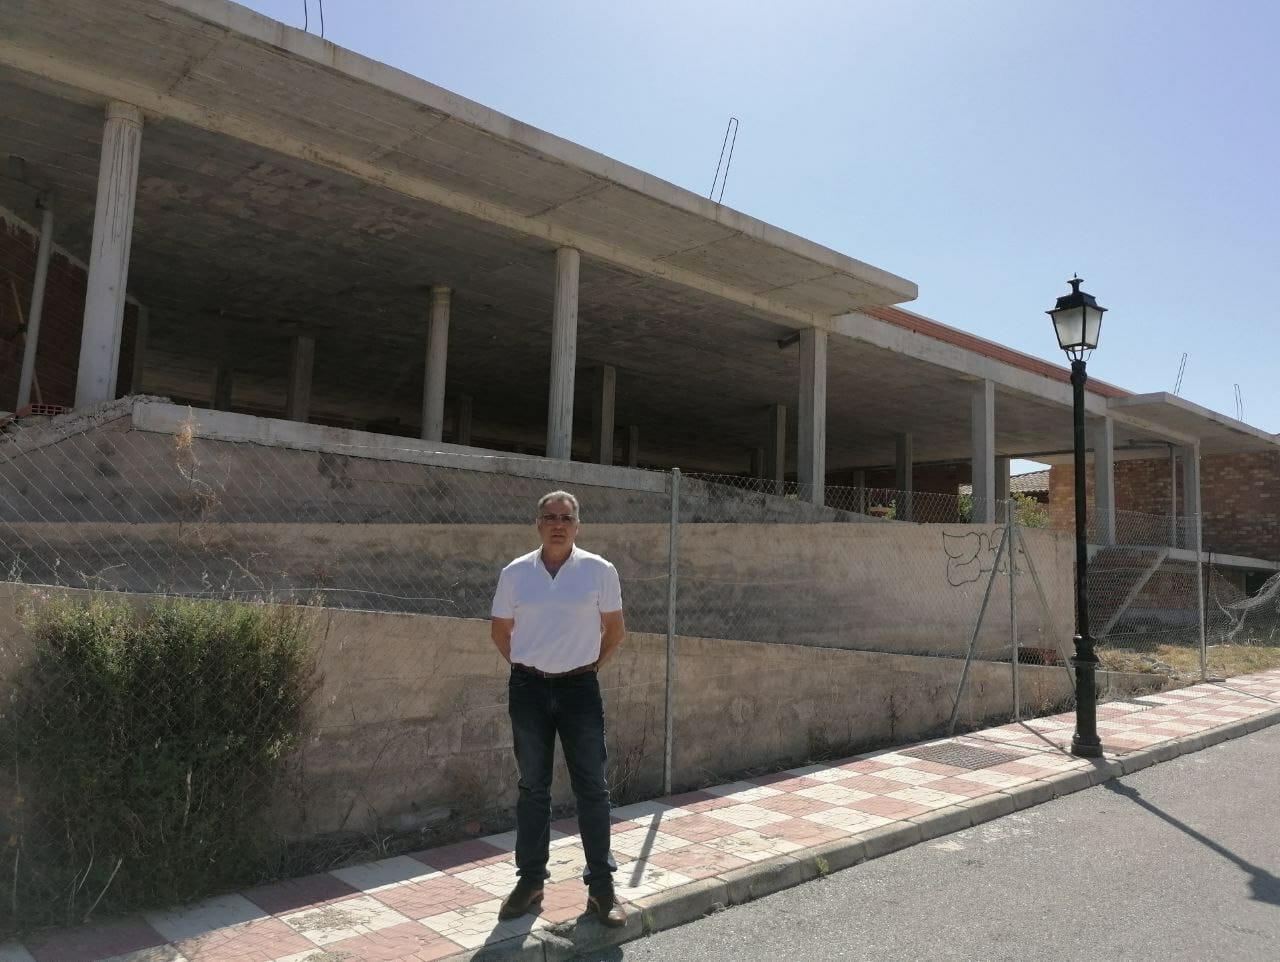 Ciudadanos apoyará los presupuestos propuestos por el equipo de gobierno de Cúllar Vega